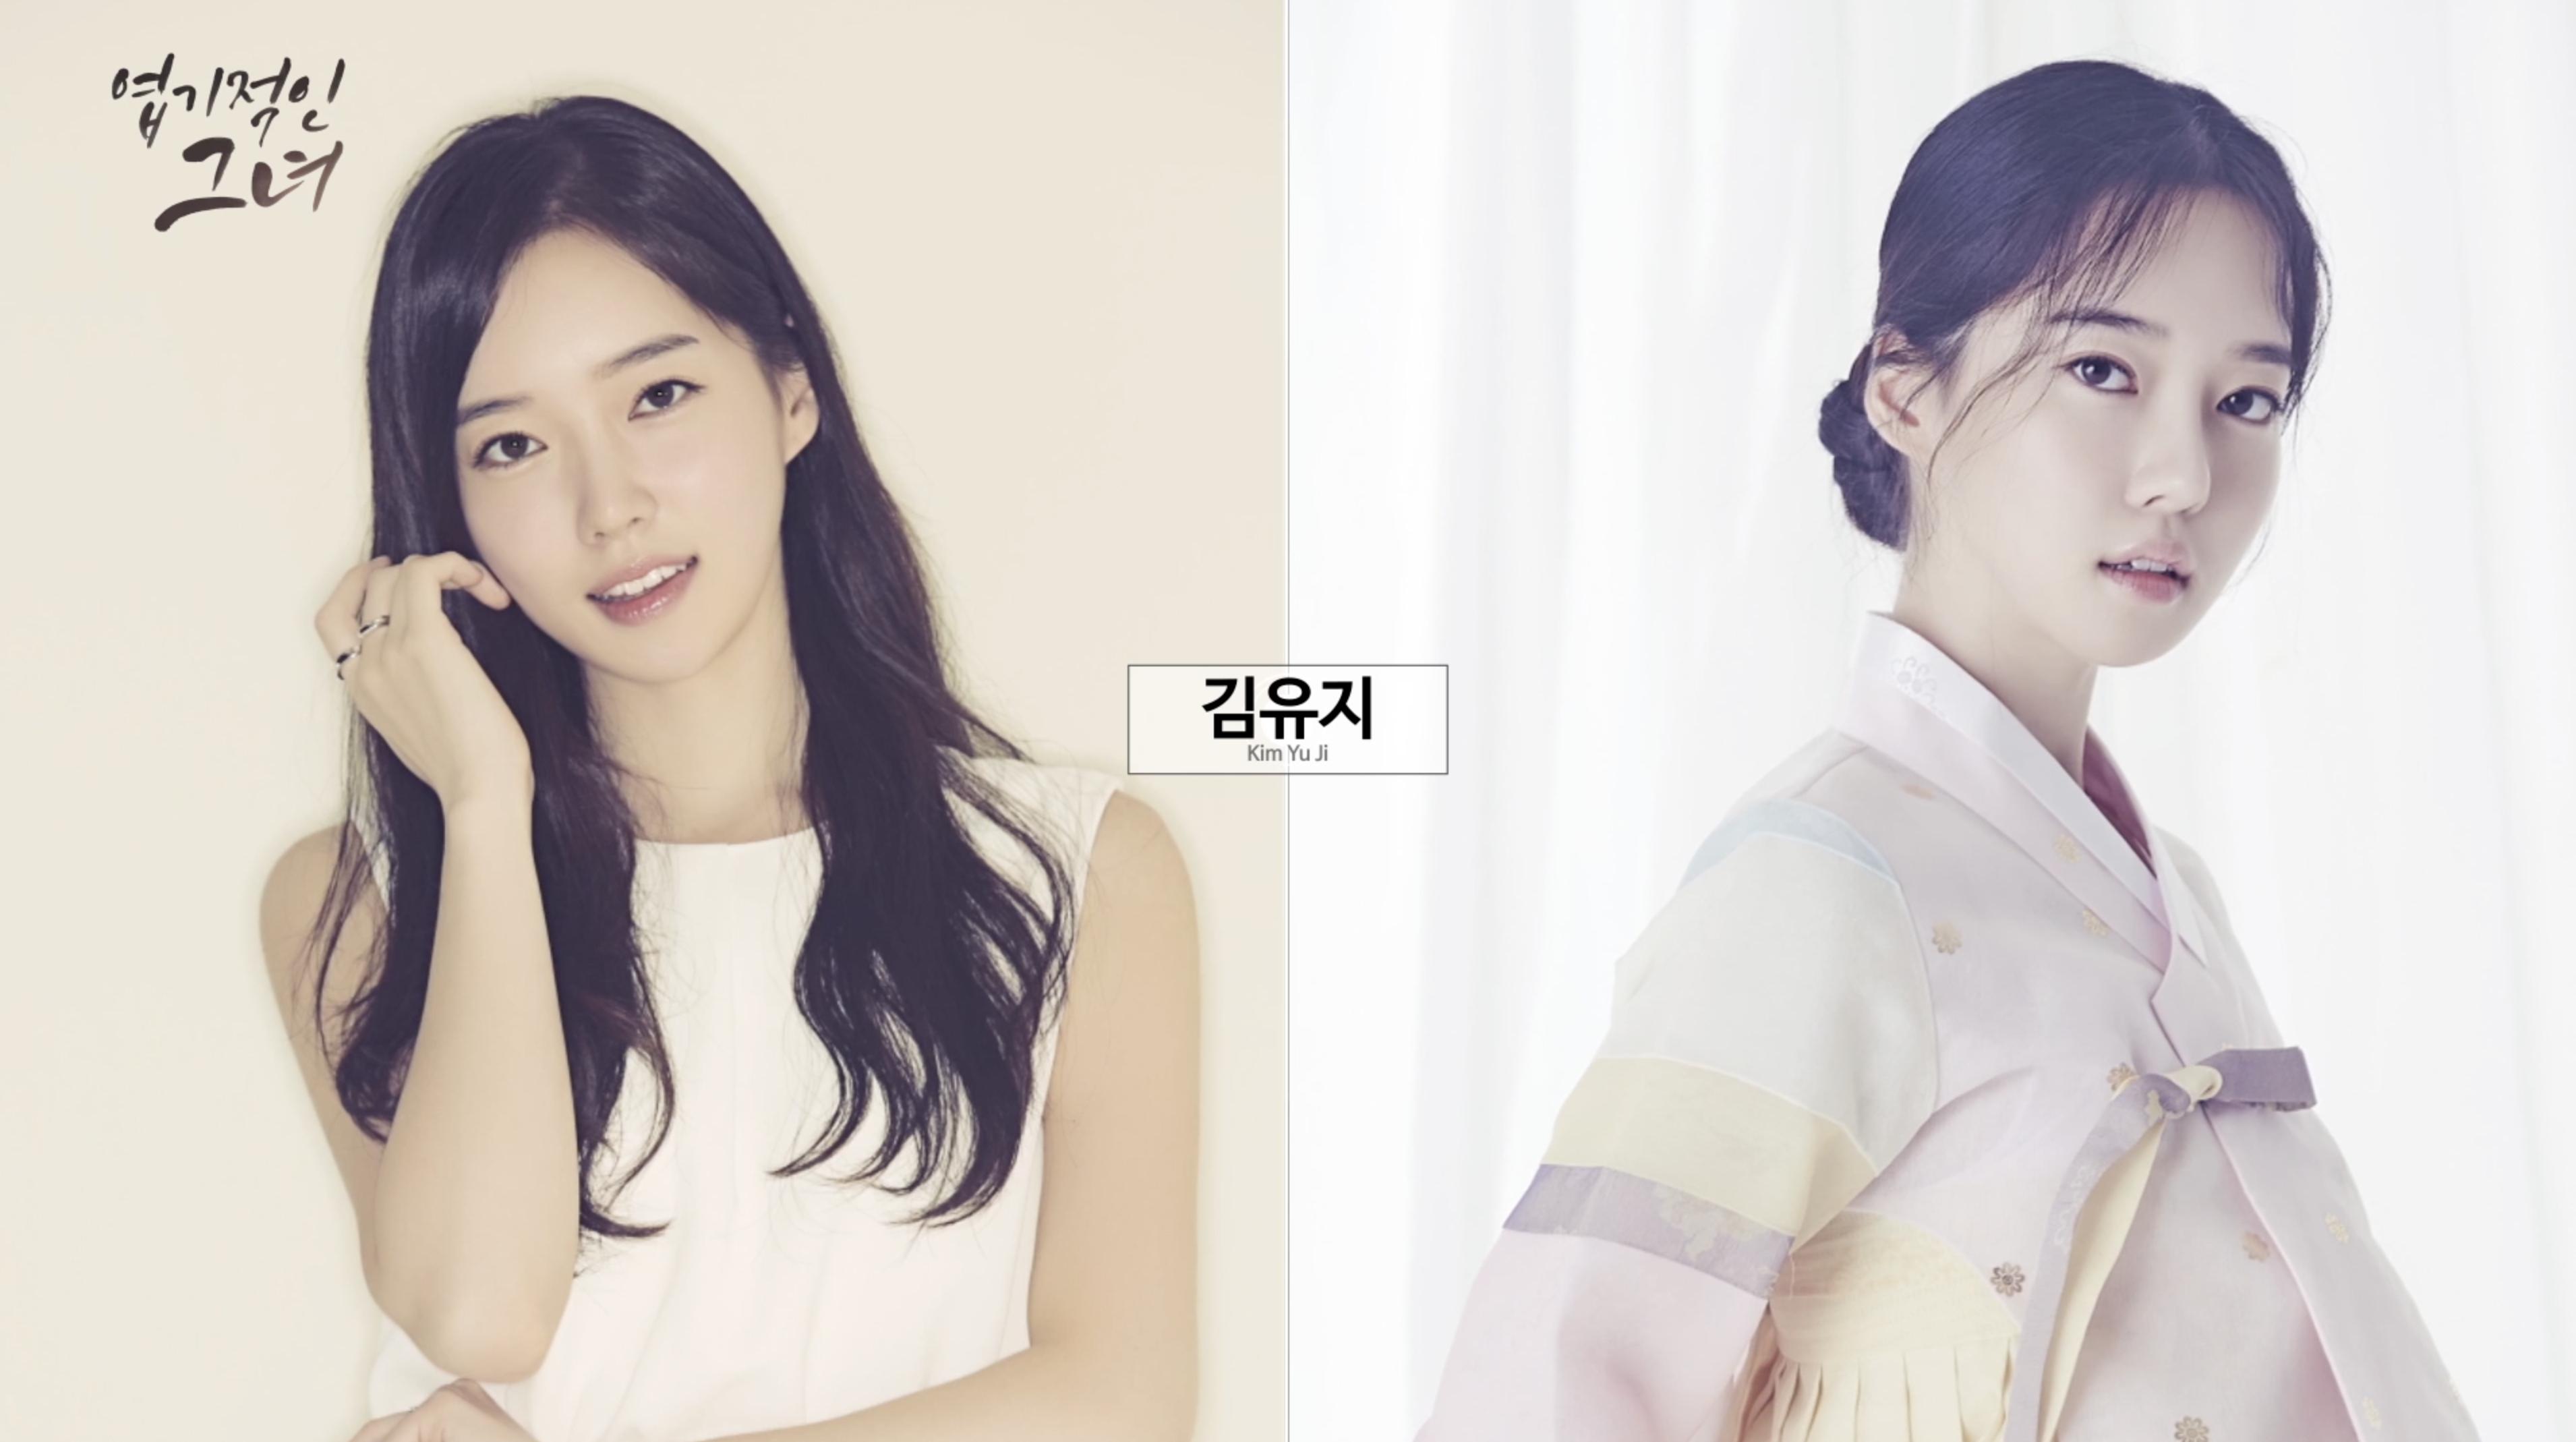 [엽기적인 그녀] TOP10 김유지 영상 공개(FULL ver.)